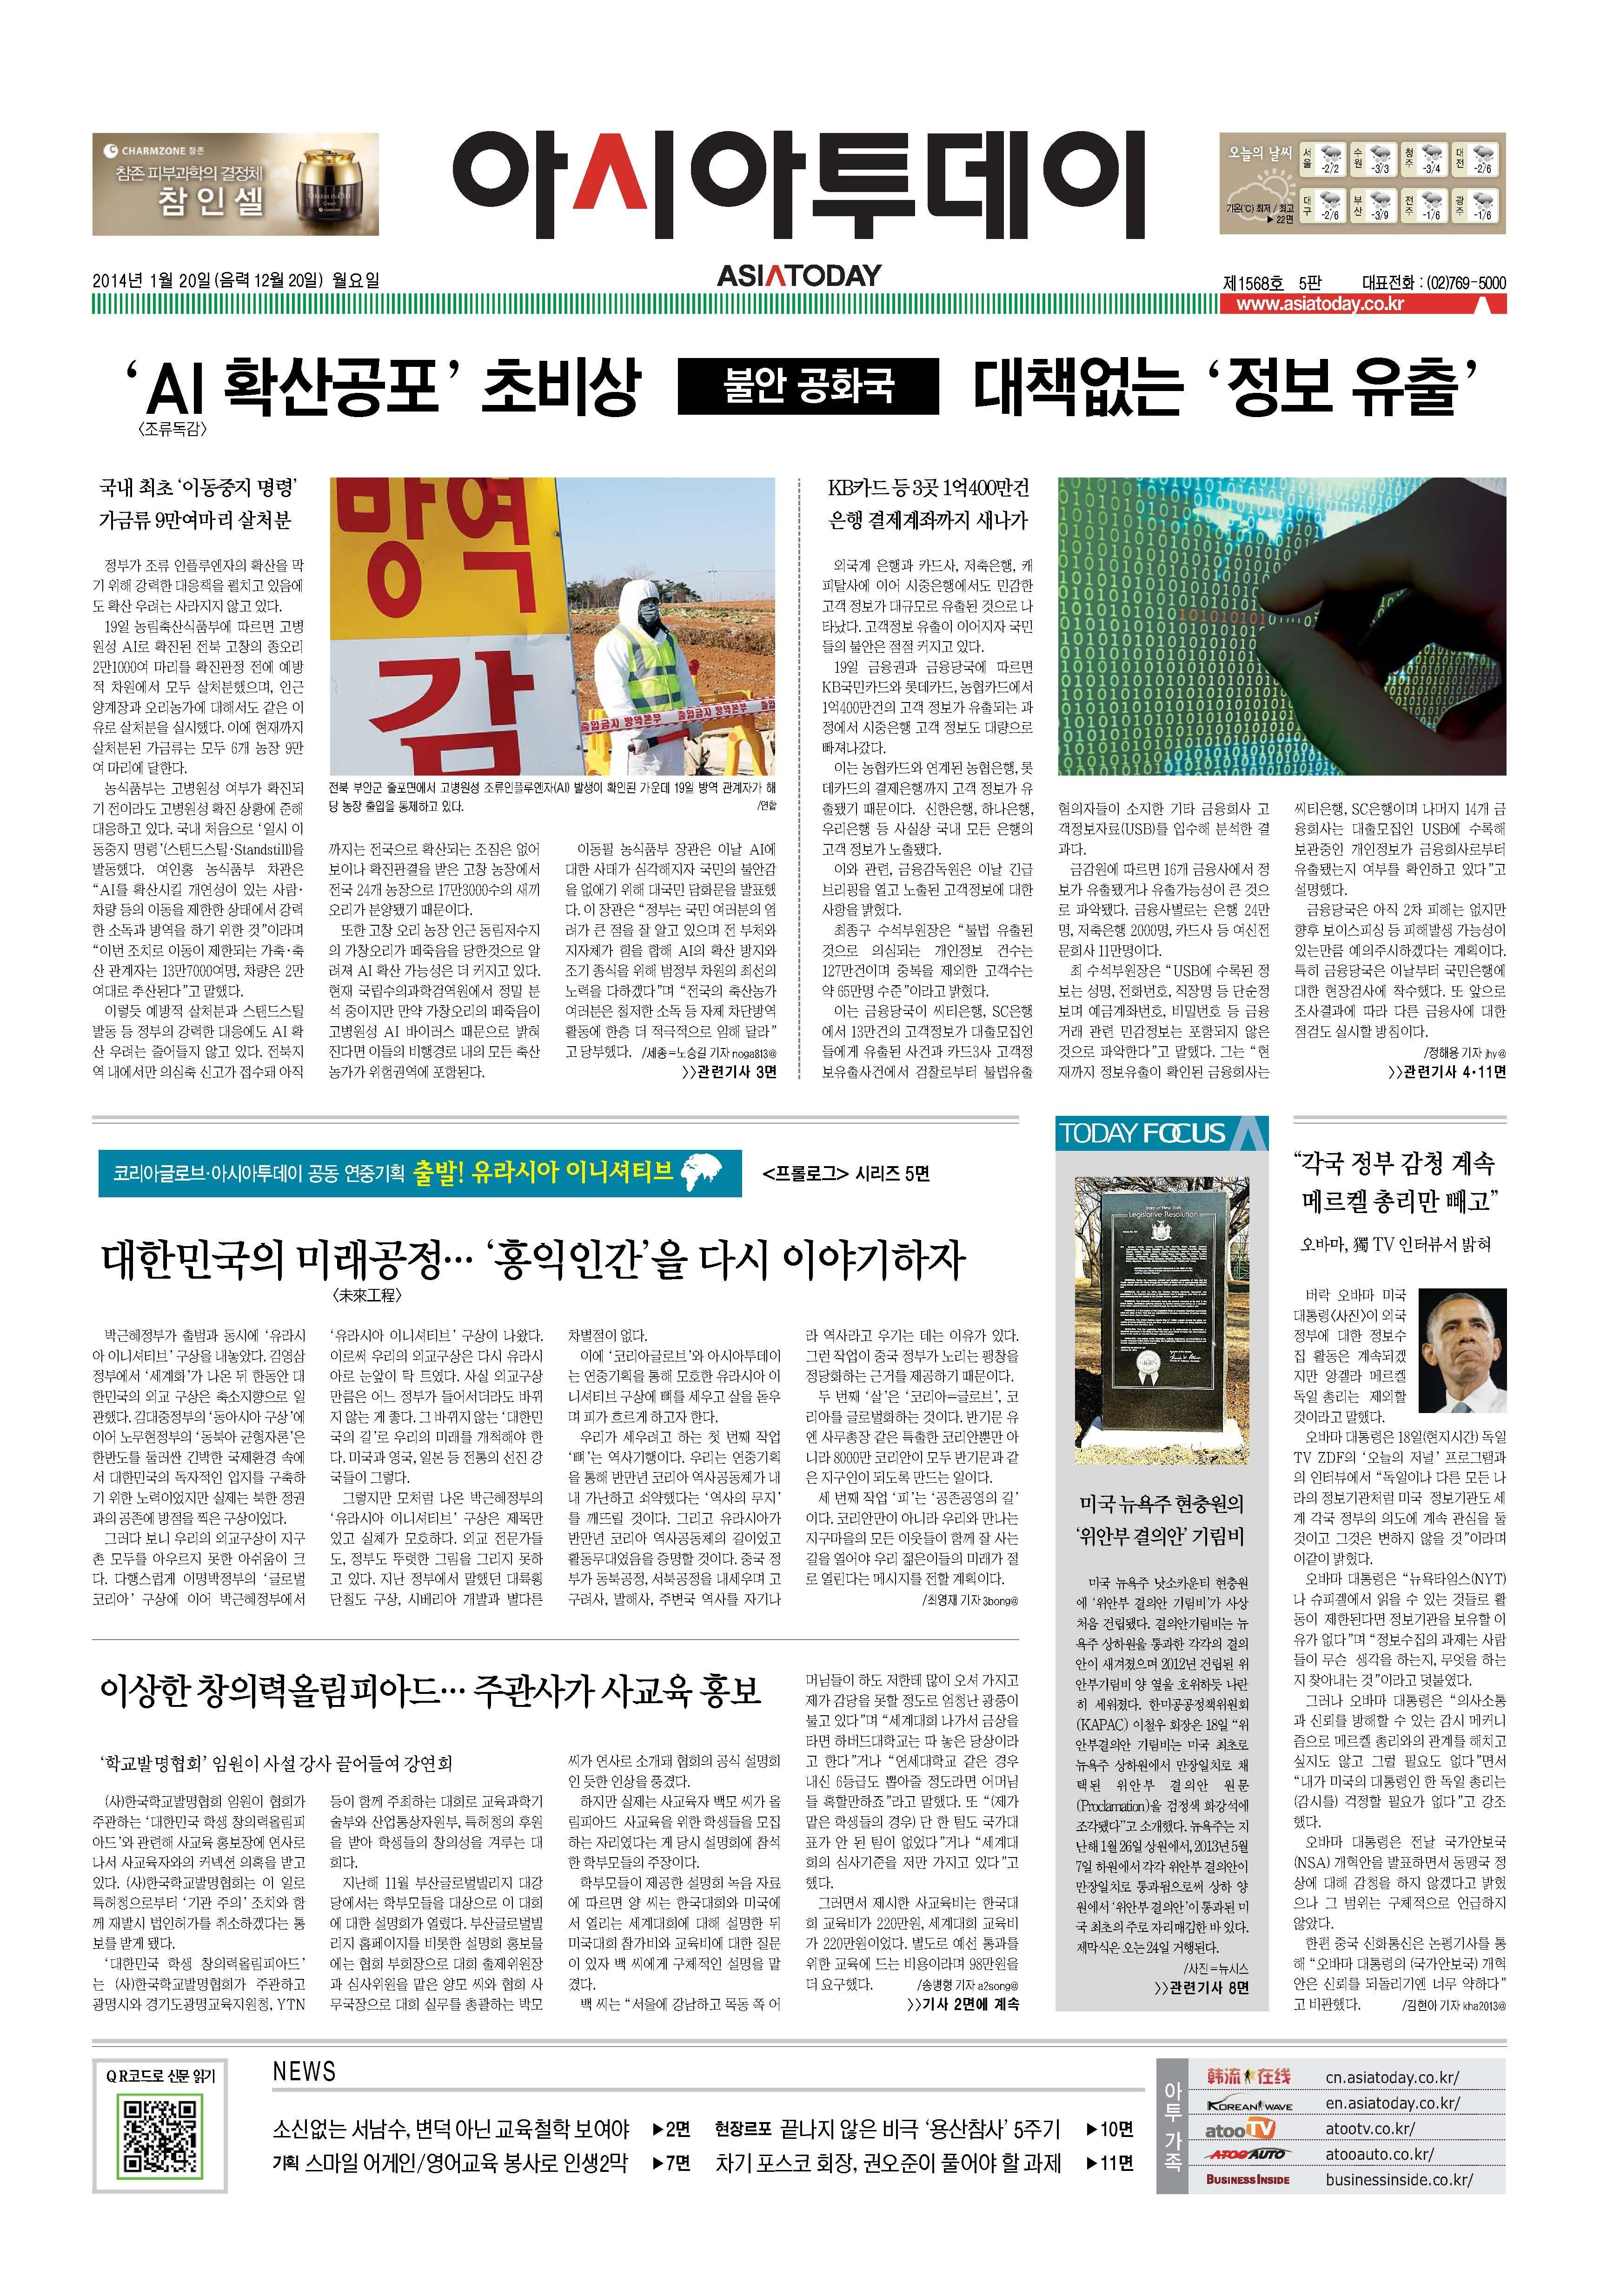 아시아투데이 ASIATODAY 1면. 20140120(월)